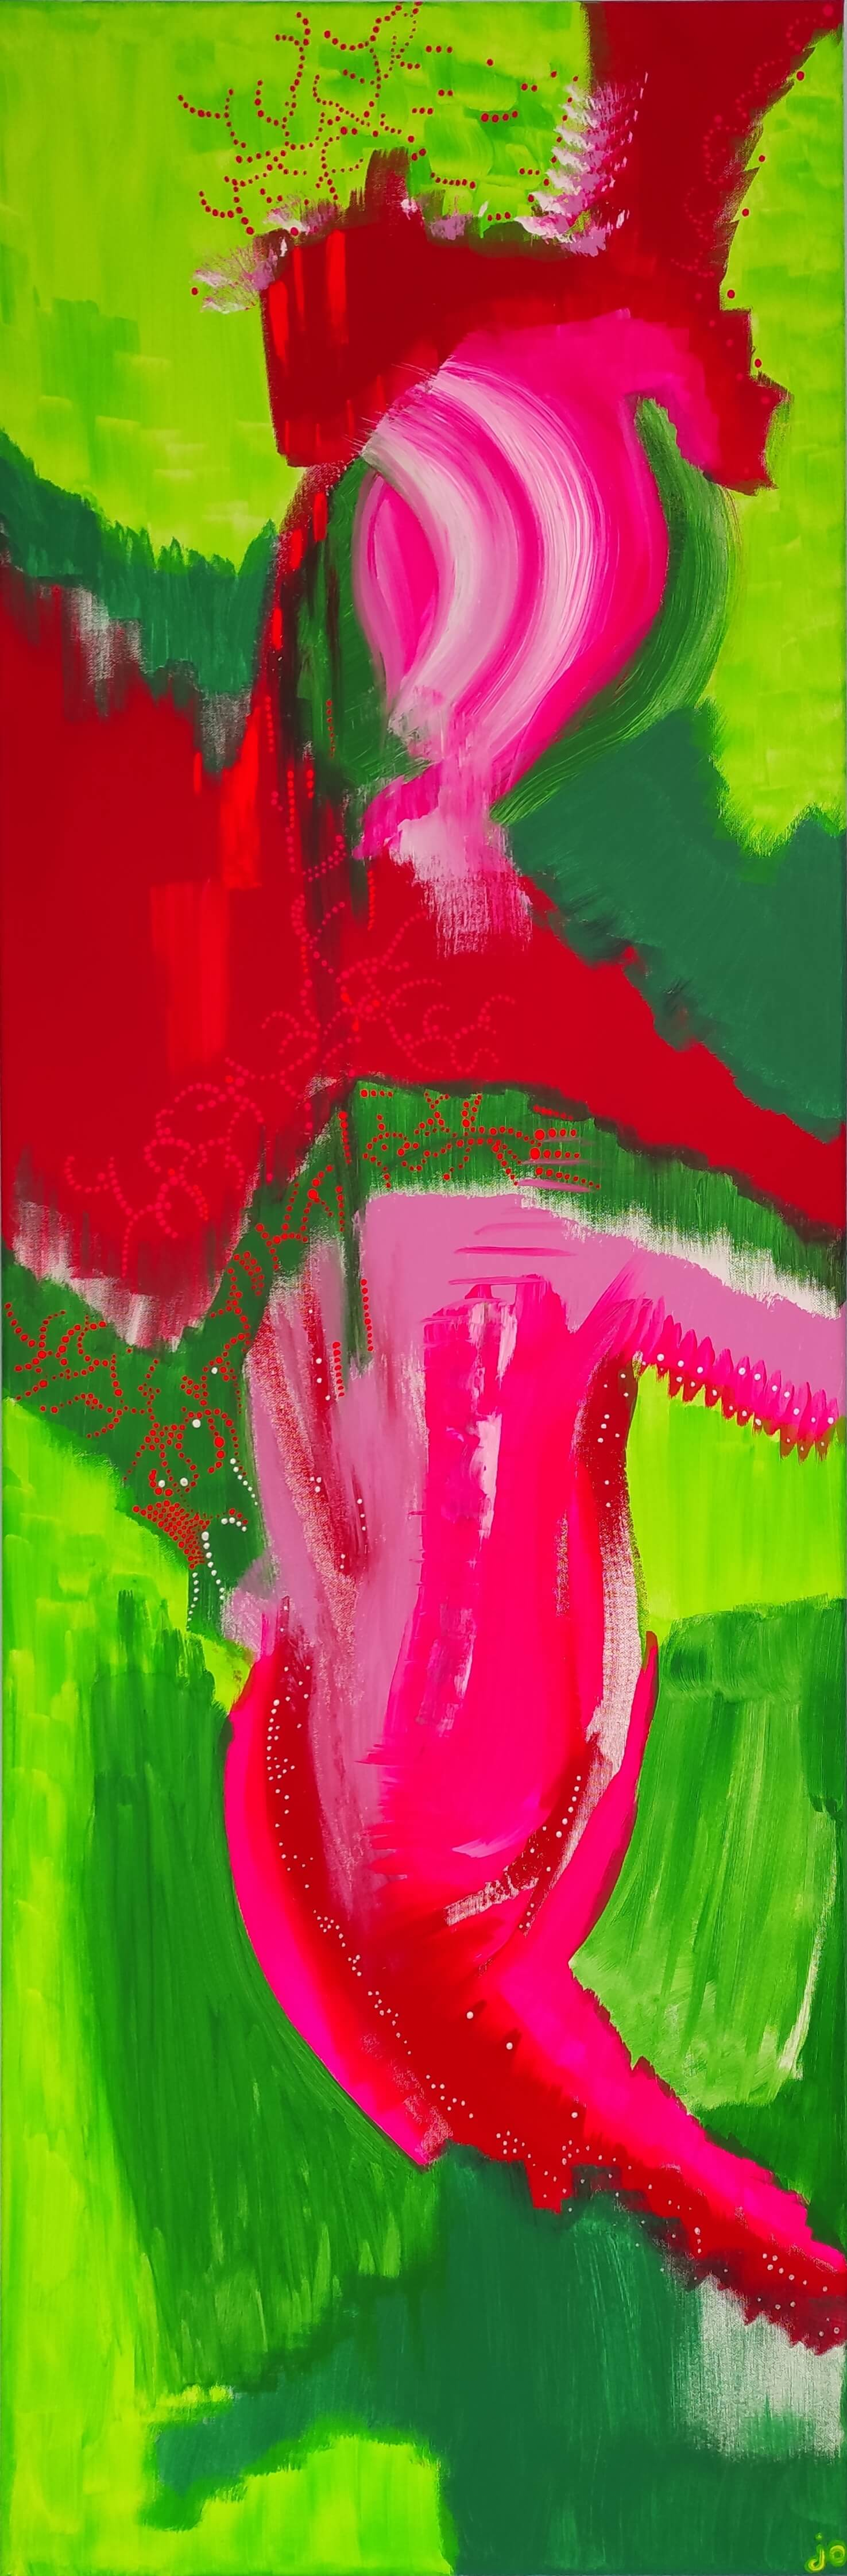 awatar, abstrakcja, sztuka współczesna, graffiti, 2021 art, malarstwo abstrakcyjne, malarstwo intuicyjne, wyobraźnia, obraz akrylowy, ręcznie malowane, polski artysta, obraz na płótnie, obraz na sprzedaż, warszawa, magicznie, oryginalne, sztuka do wnętrz, polska artystka